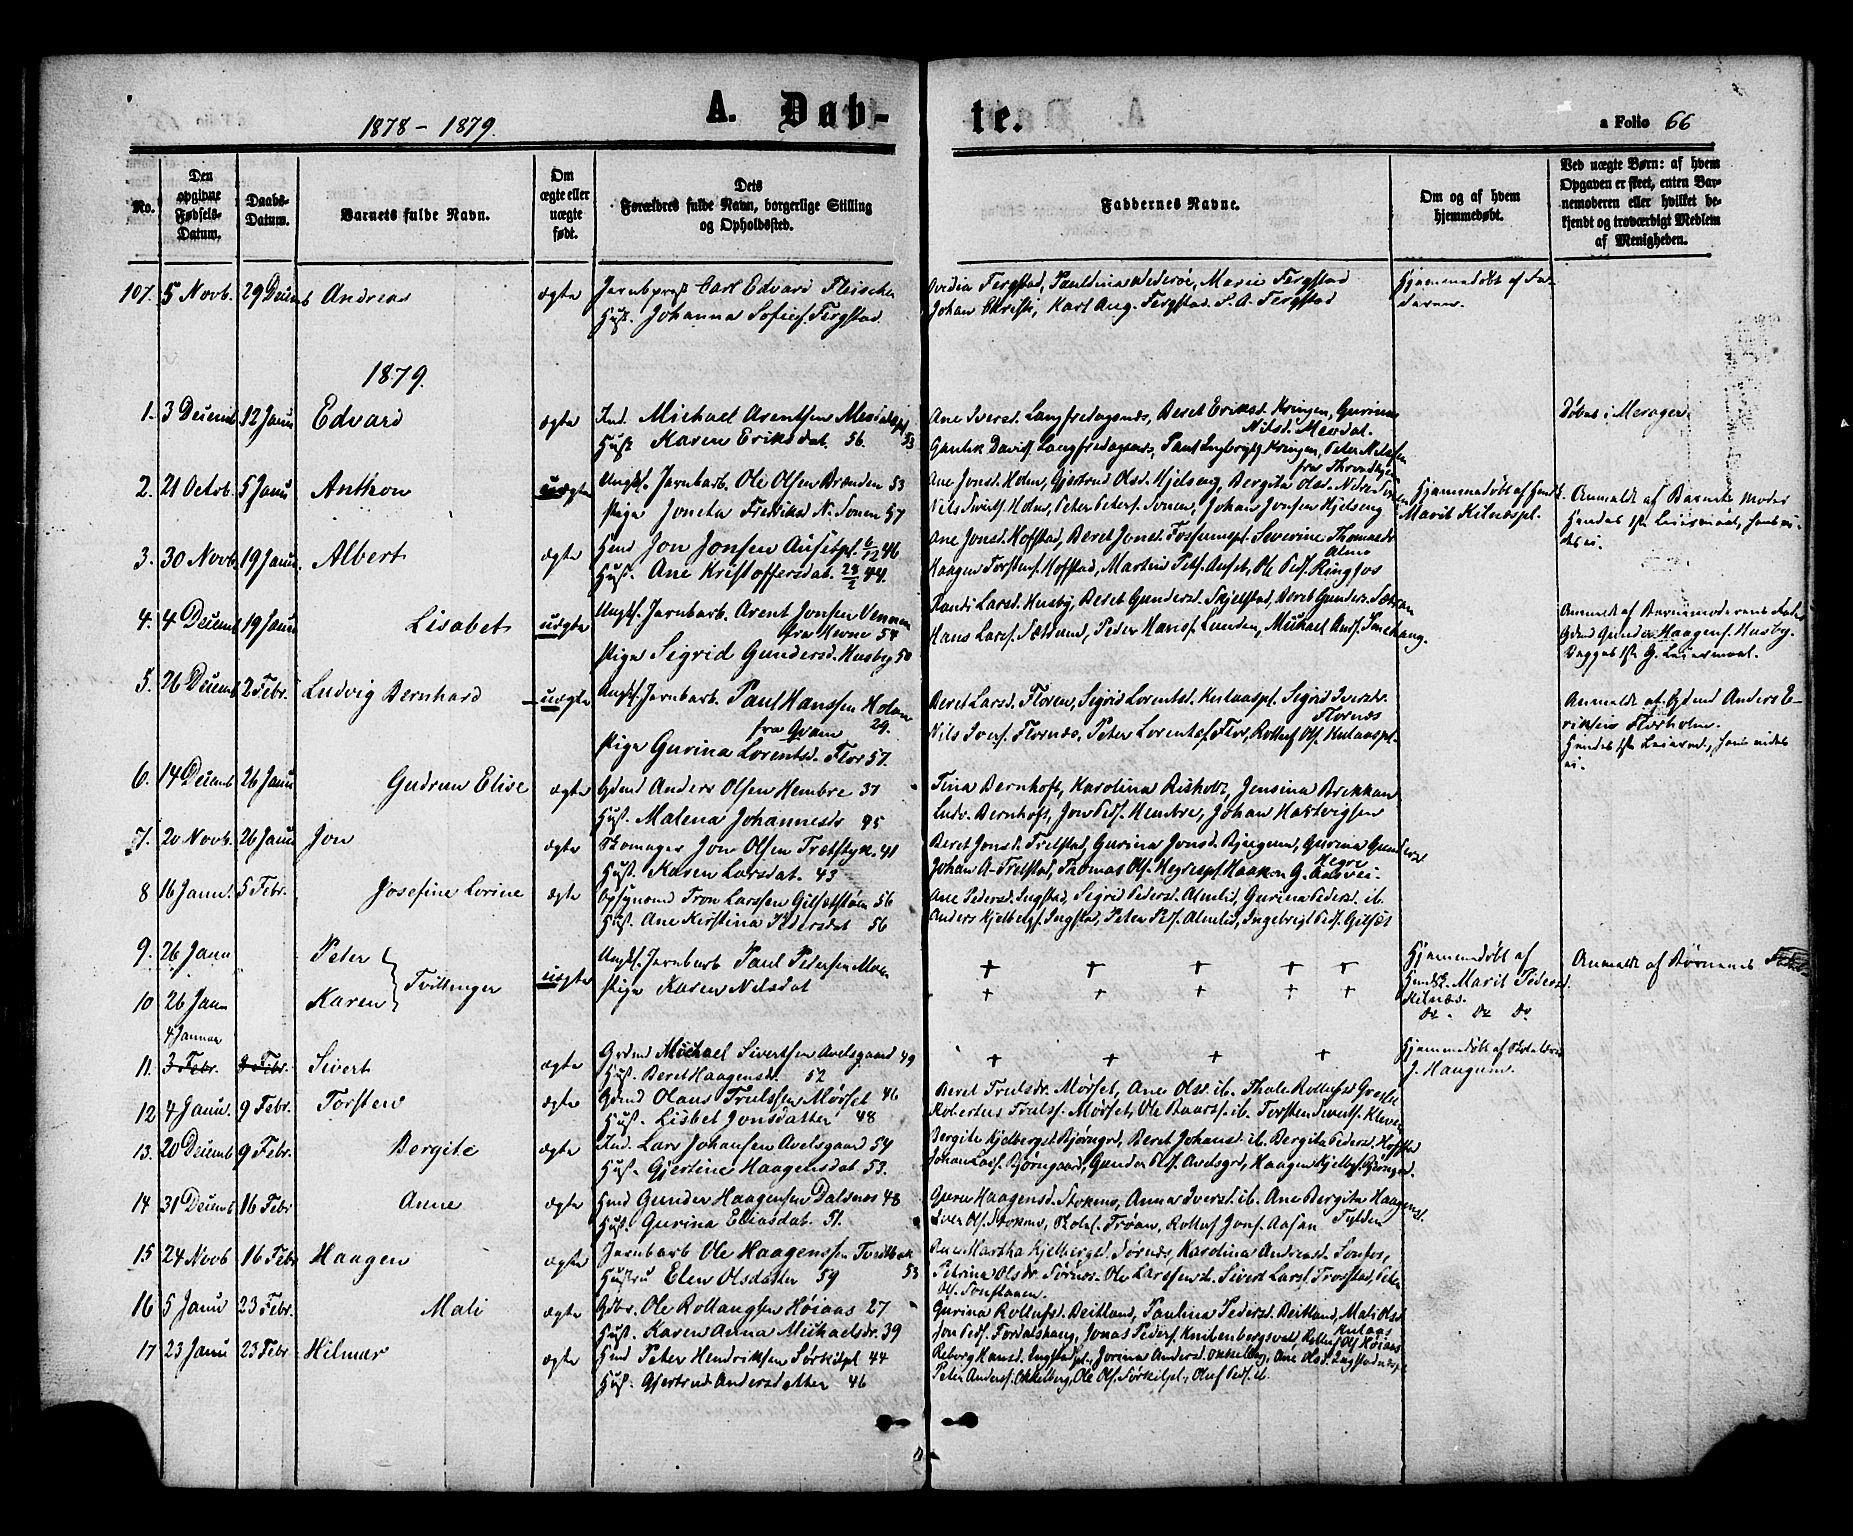 SAT, Ministerialprotokoller, klokkerbøker og fødselsregistre - Nord-Trøndelag, 703/L0029: Ministerialbok nr. 703A02, 1863-1879, s. 66